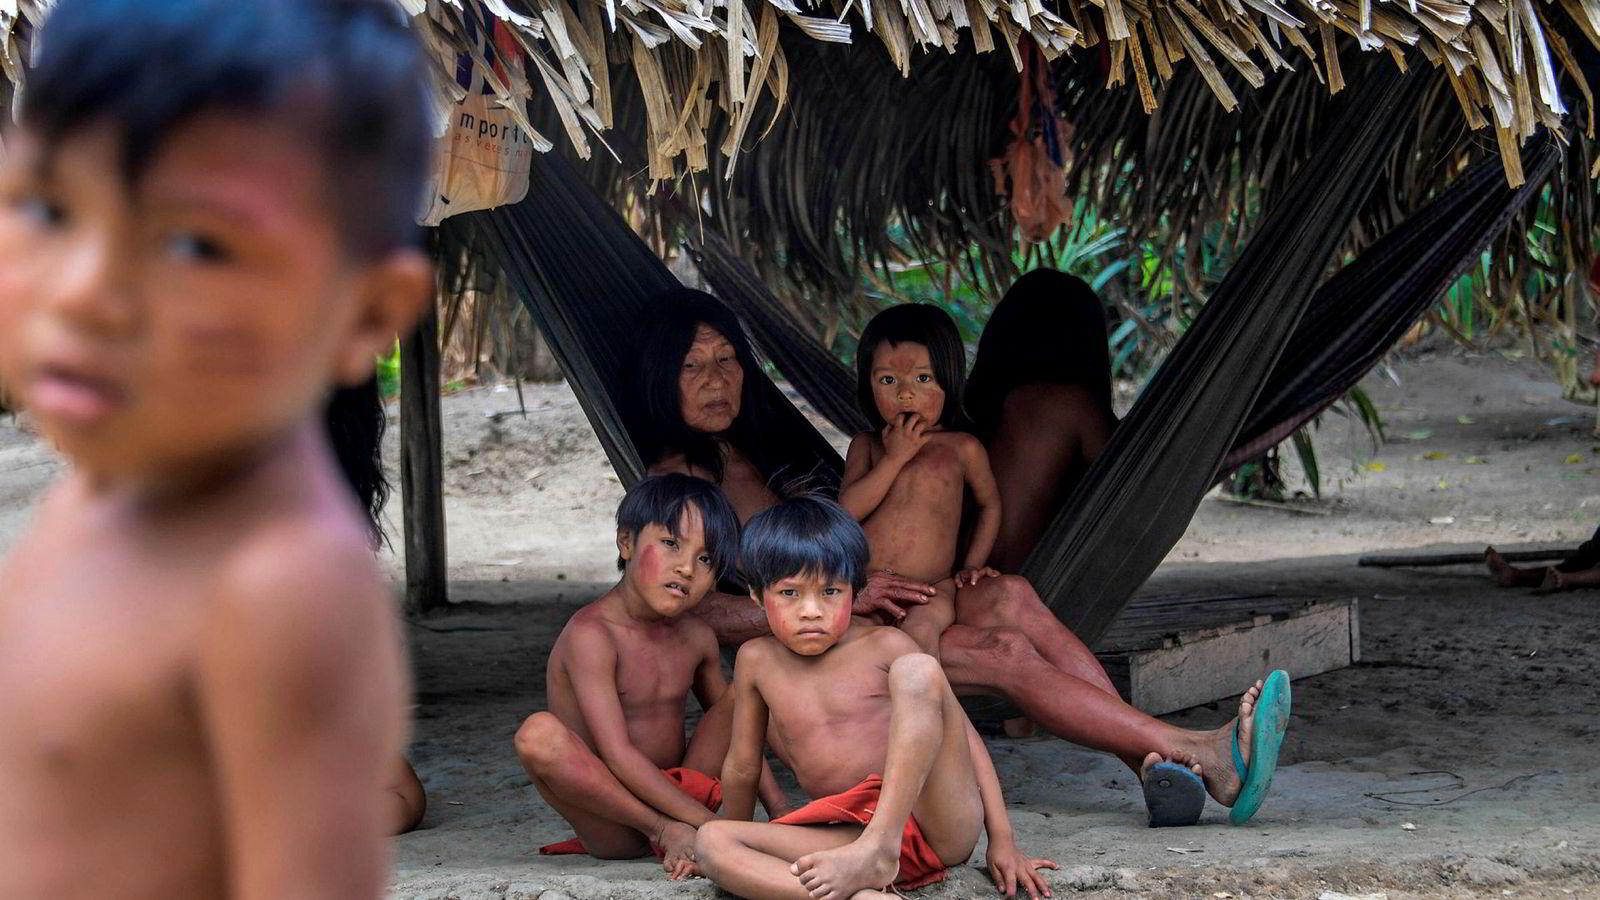 Som store investorer kan Equinor og Hydro ha innflytelse på Brasils politikk når det gjelder miljø, regnskog, og urbefolkning. Her er medlemmer av Waiapi-stammen i Manilha i Waiapi-reservatet i Brasil.